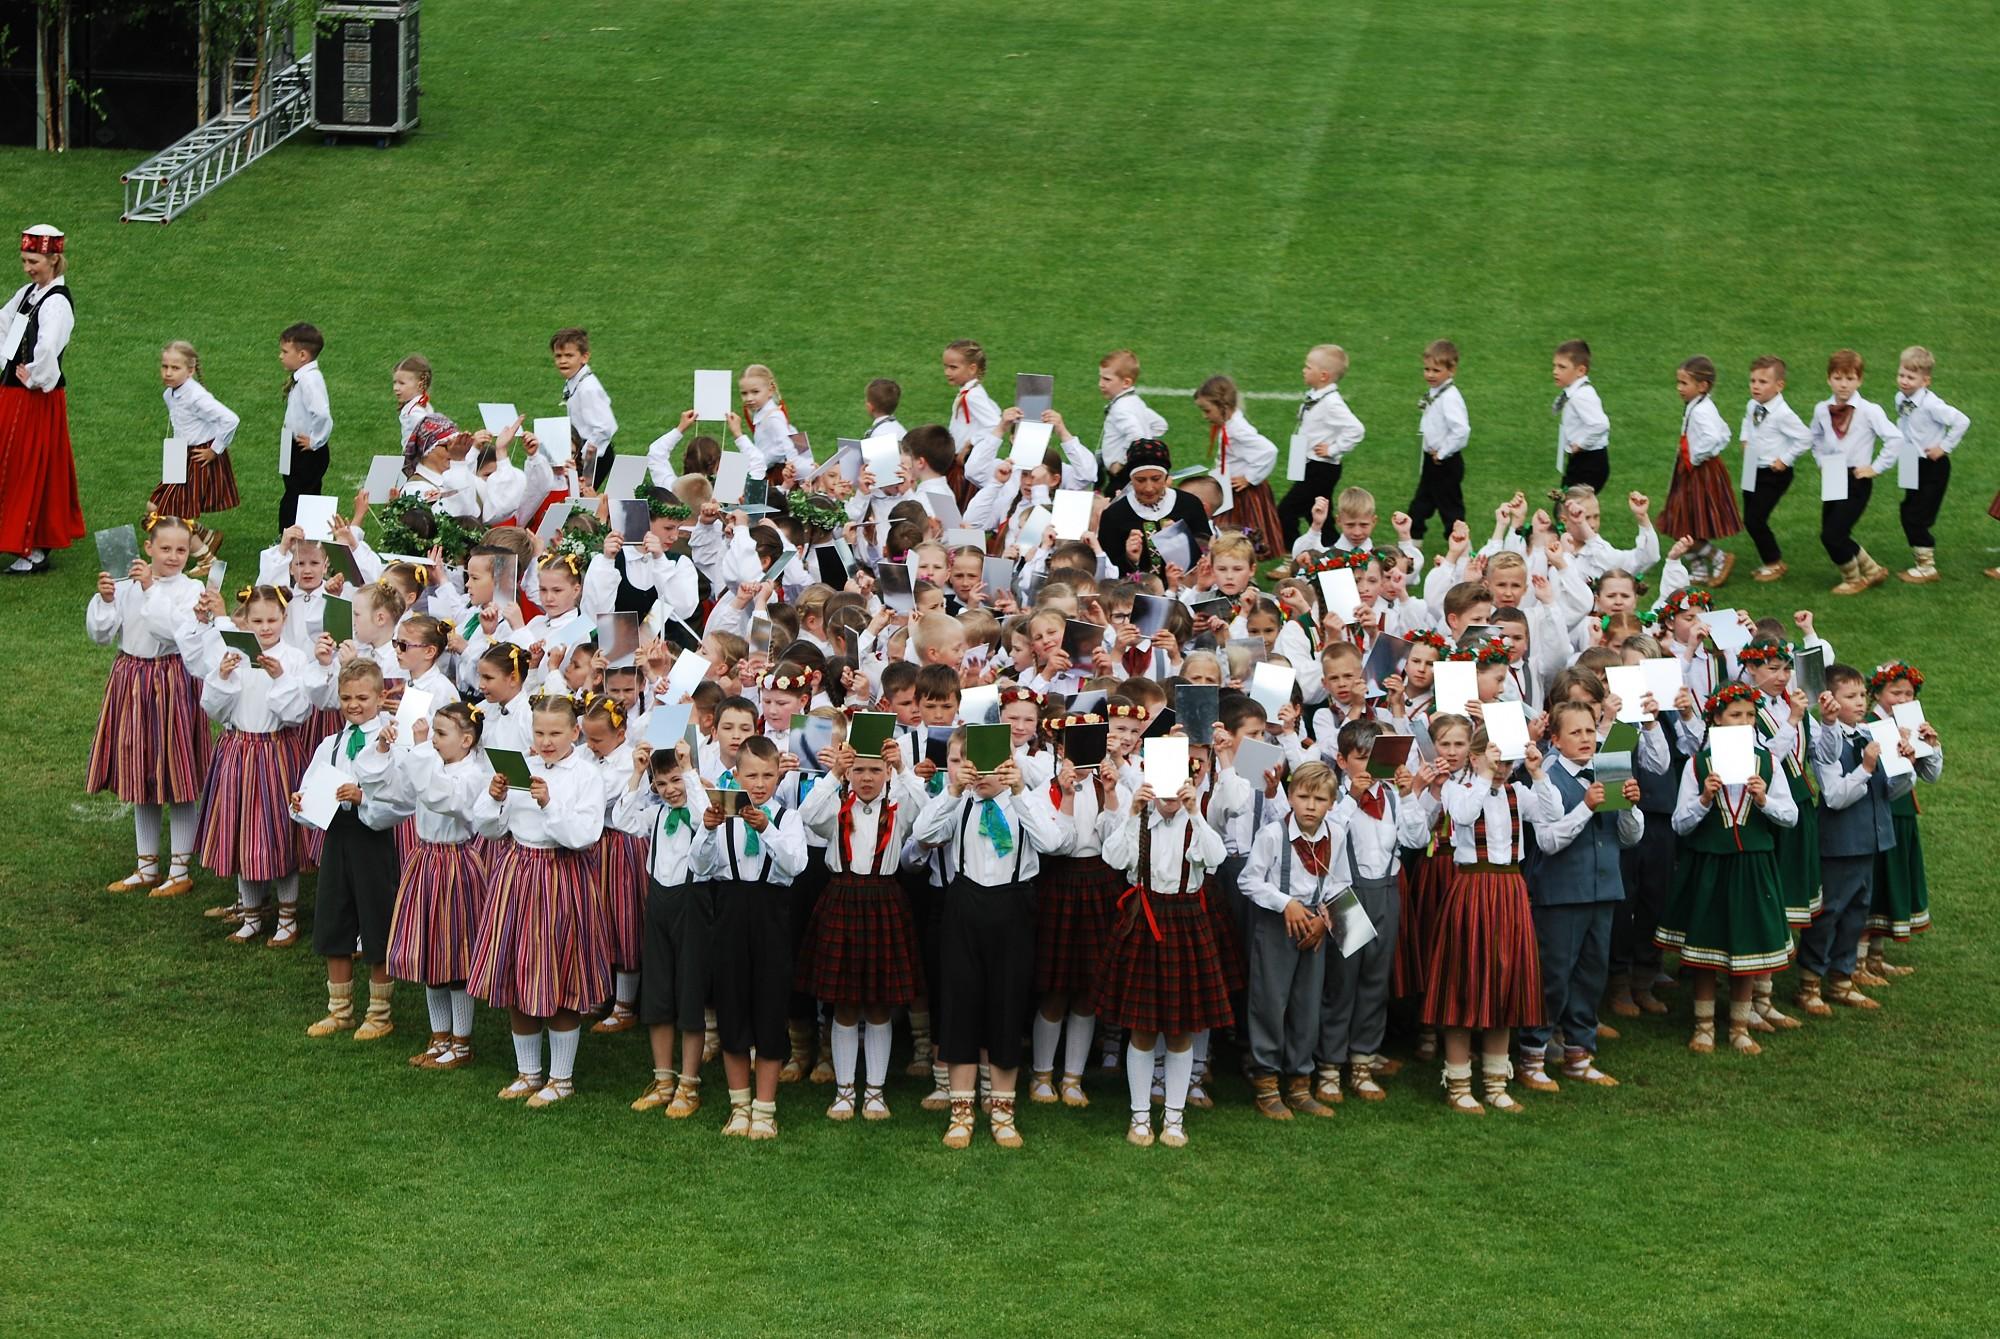 Концерт народных танцев и праздничное шествие участников